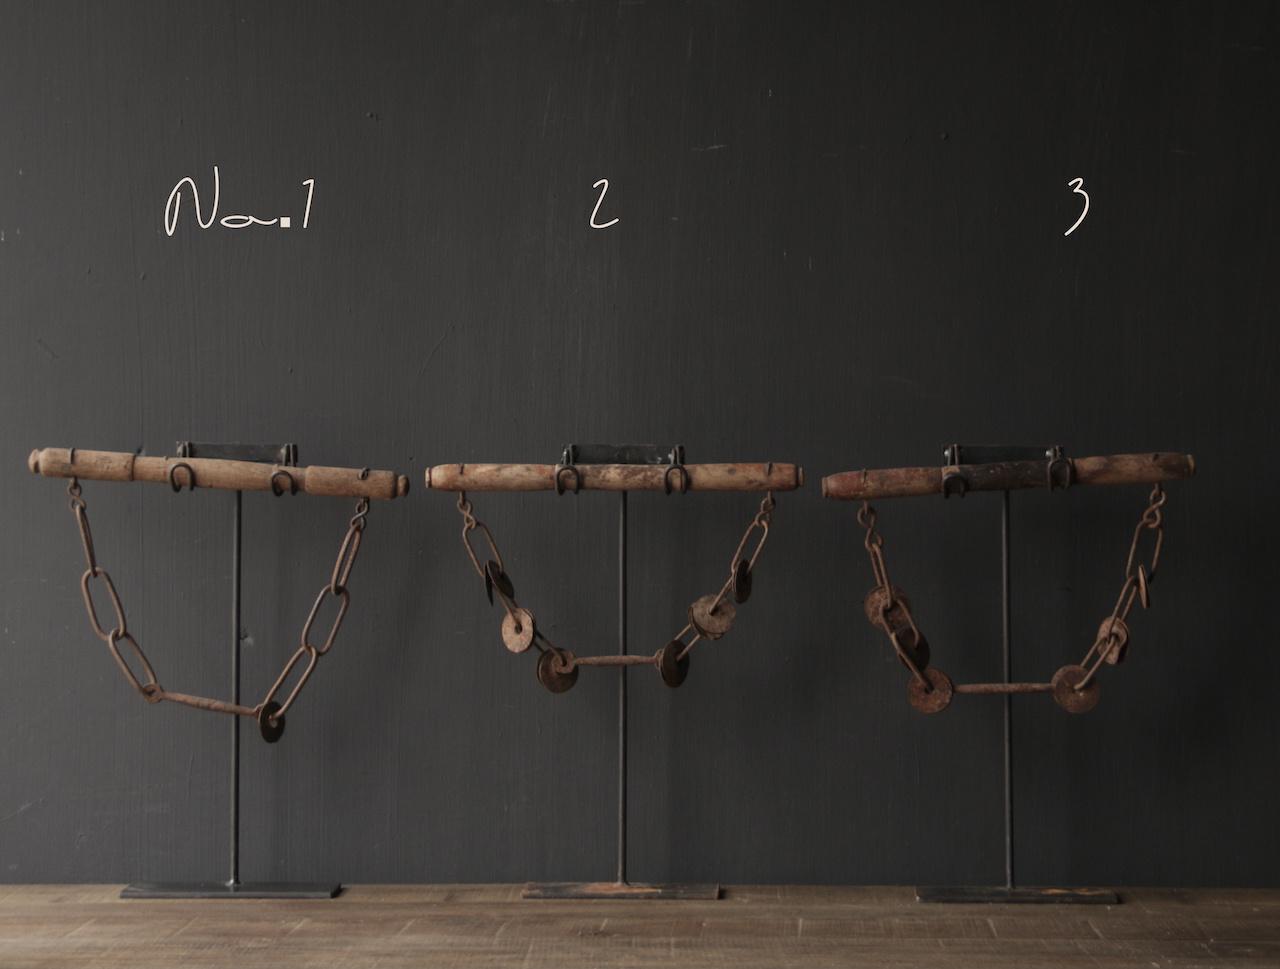 Onderdeel van Kamelen tuig op stander-2